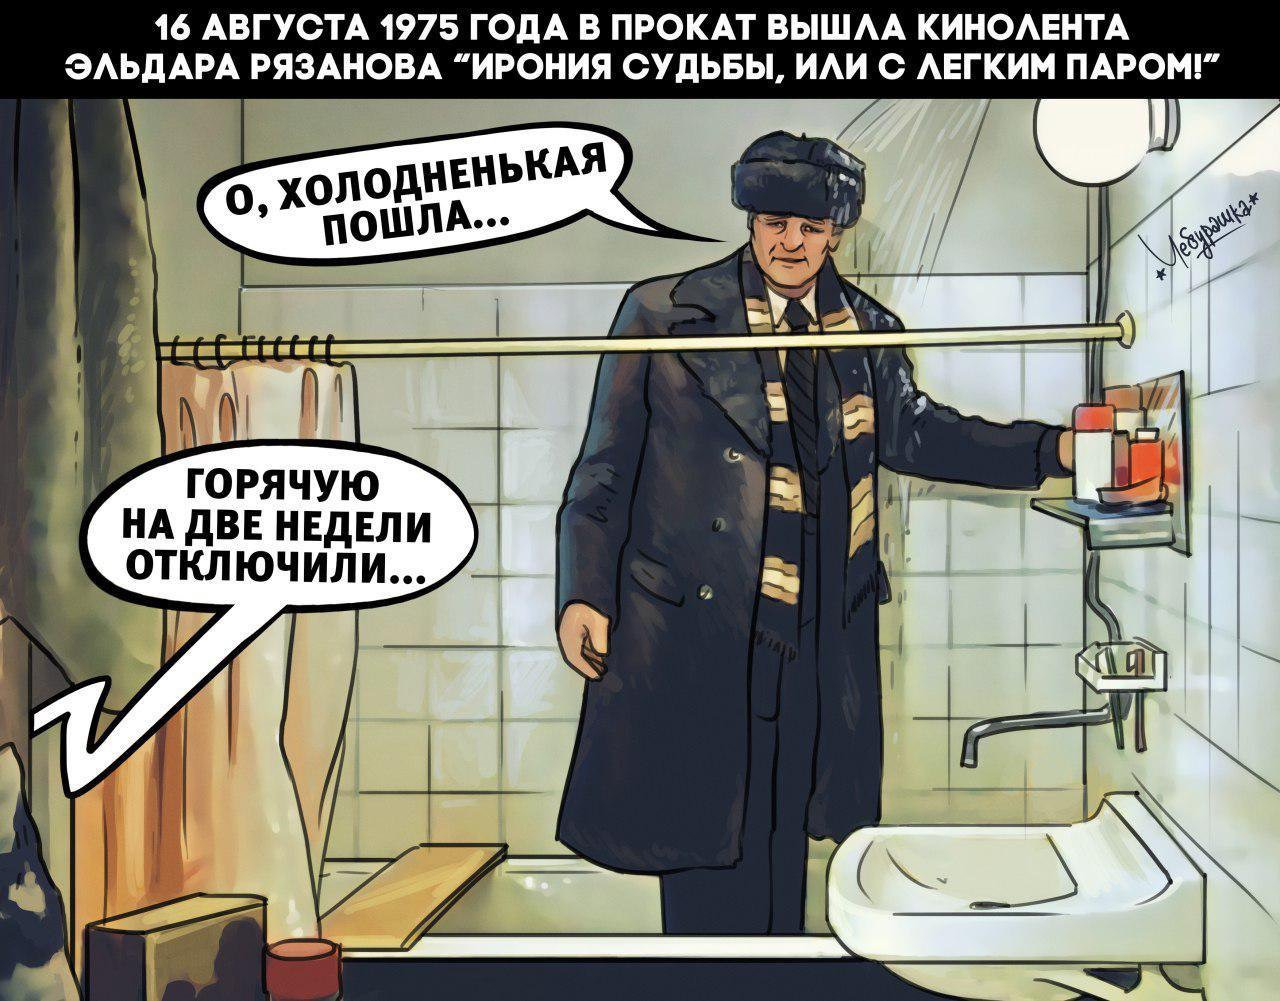 Карикатуры на тему фильма ИРОНИЯ СУДЬБЫ...